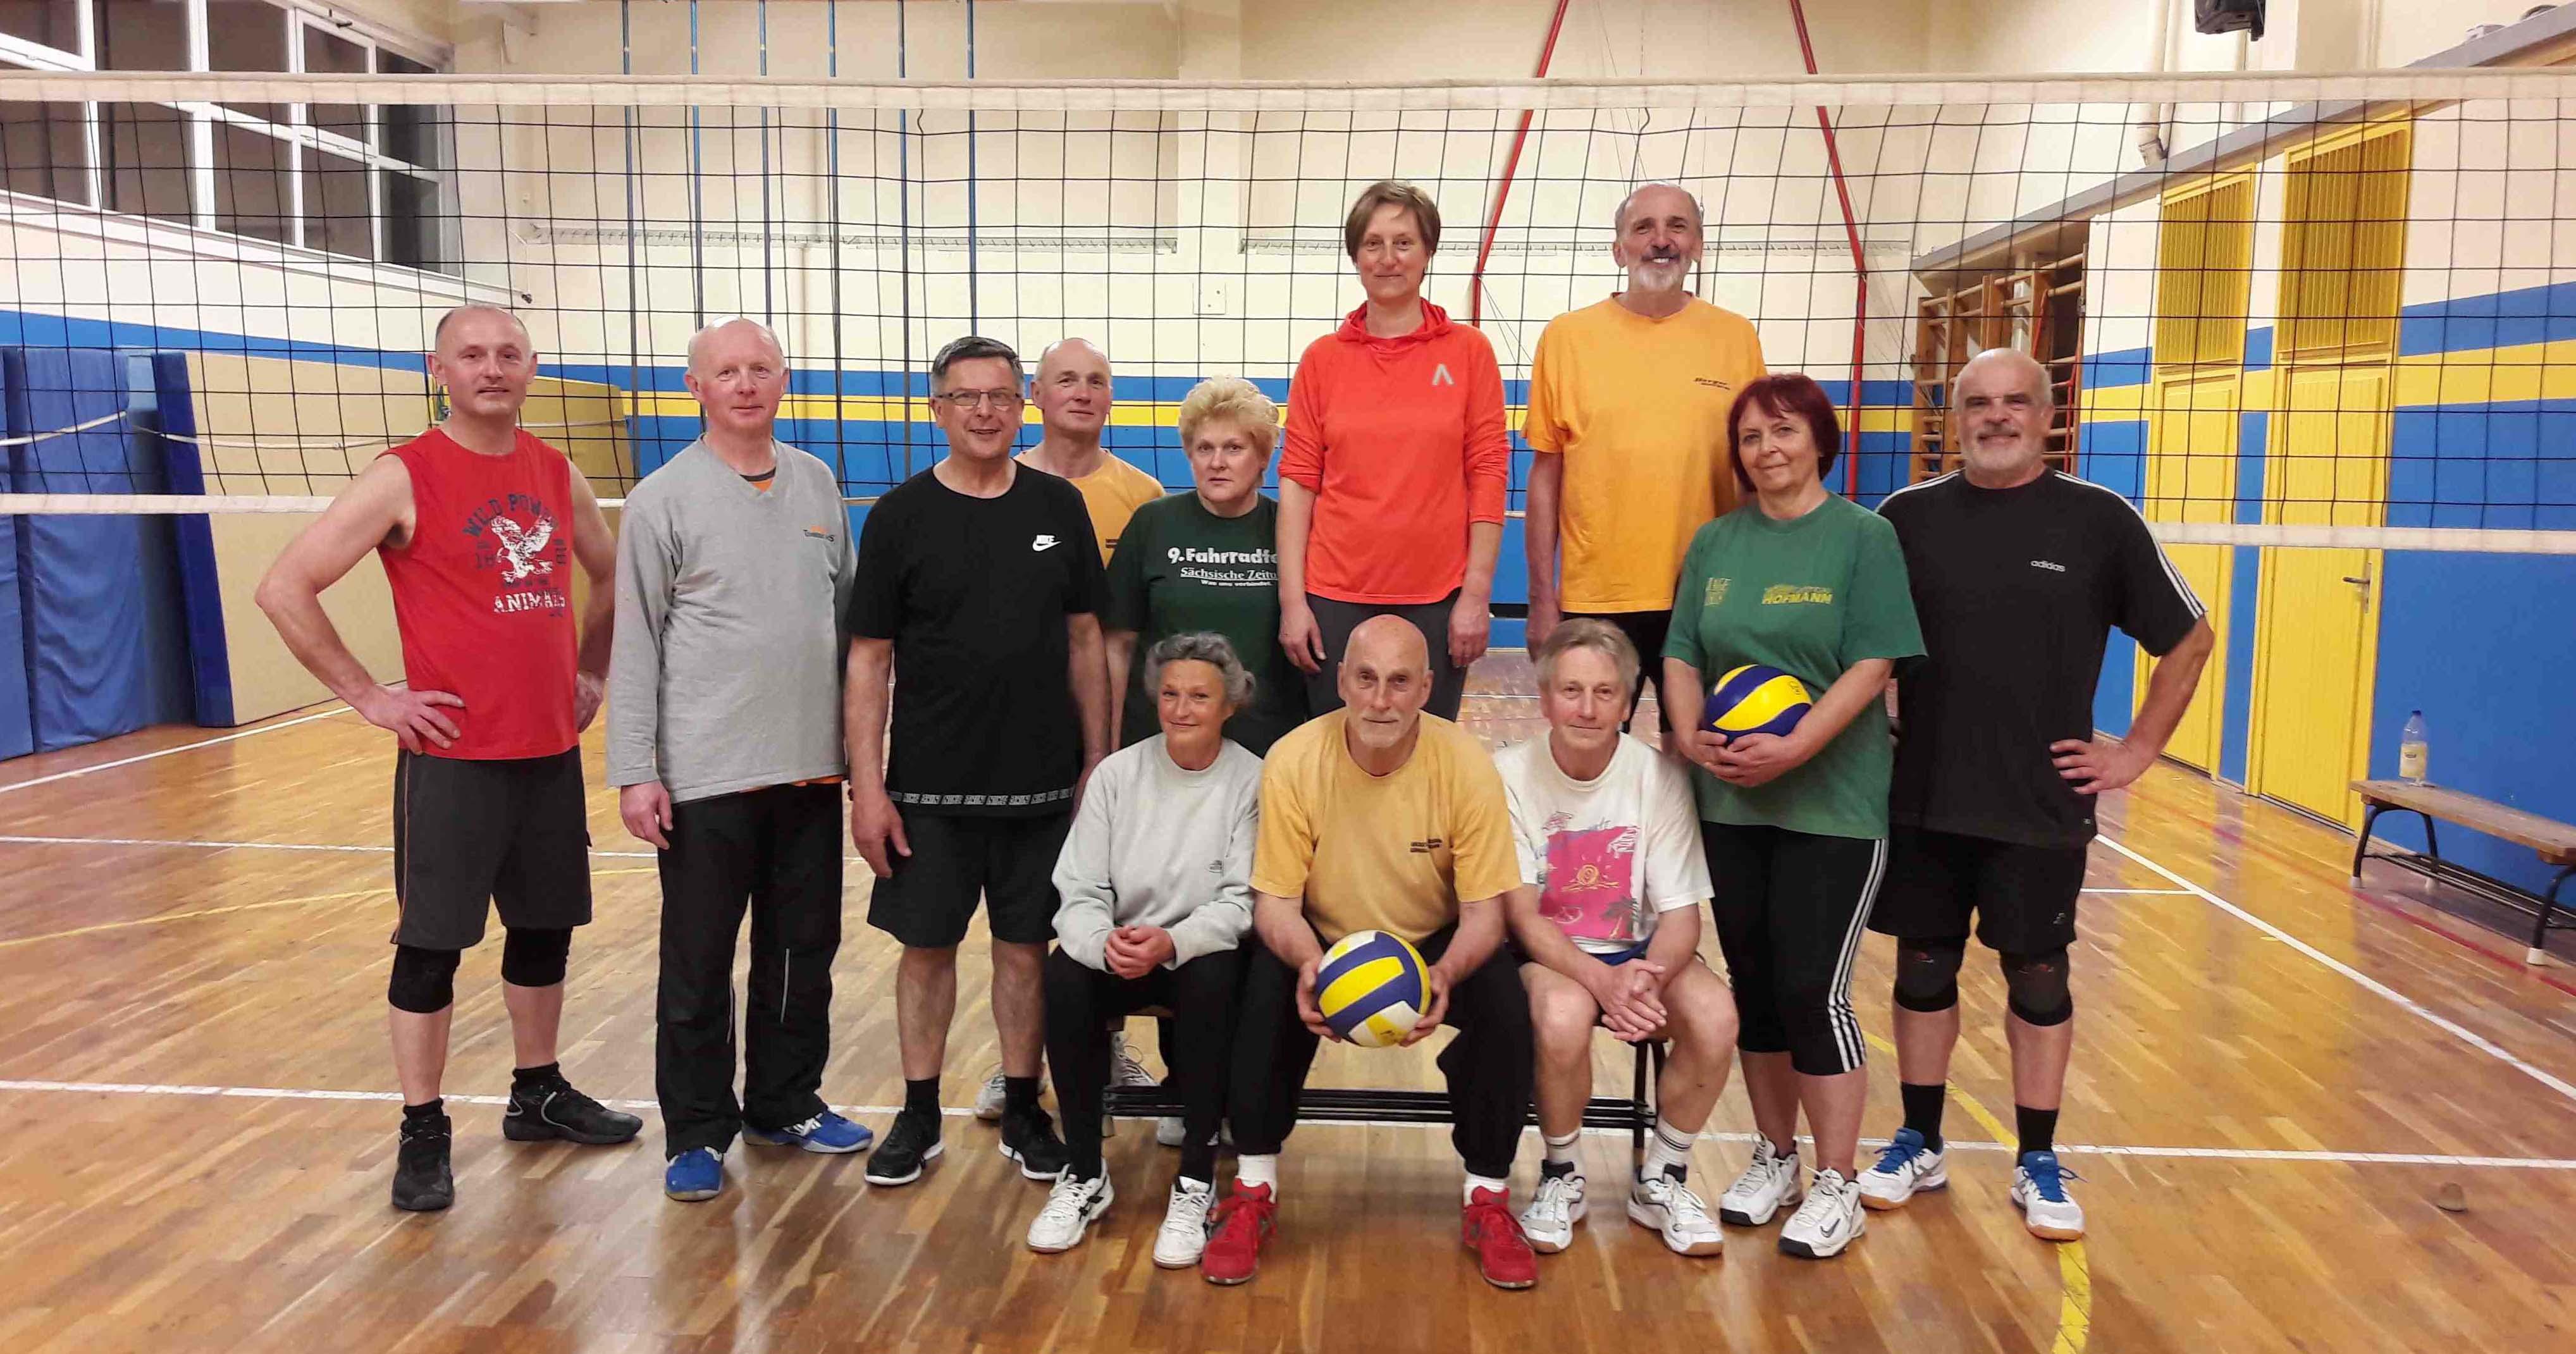 Volleyball-Mannschaft Familiensport